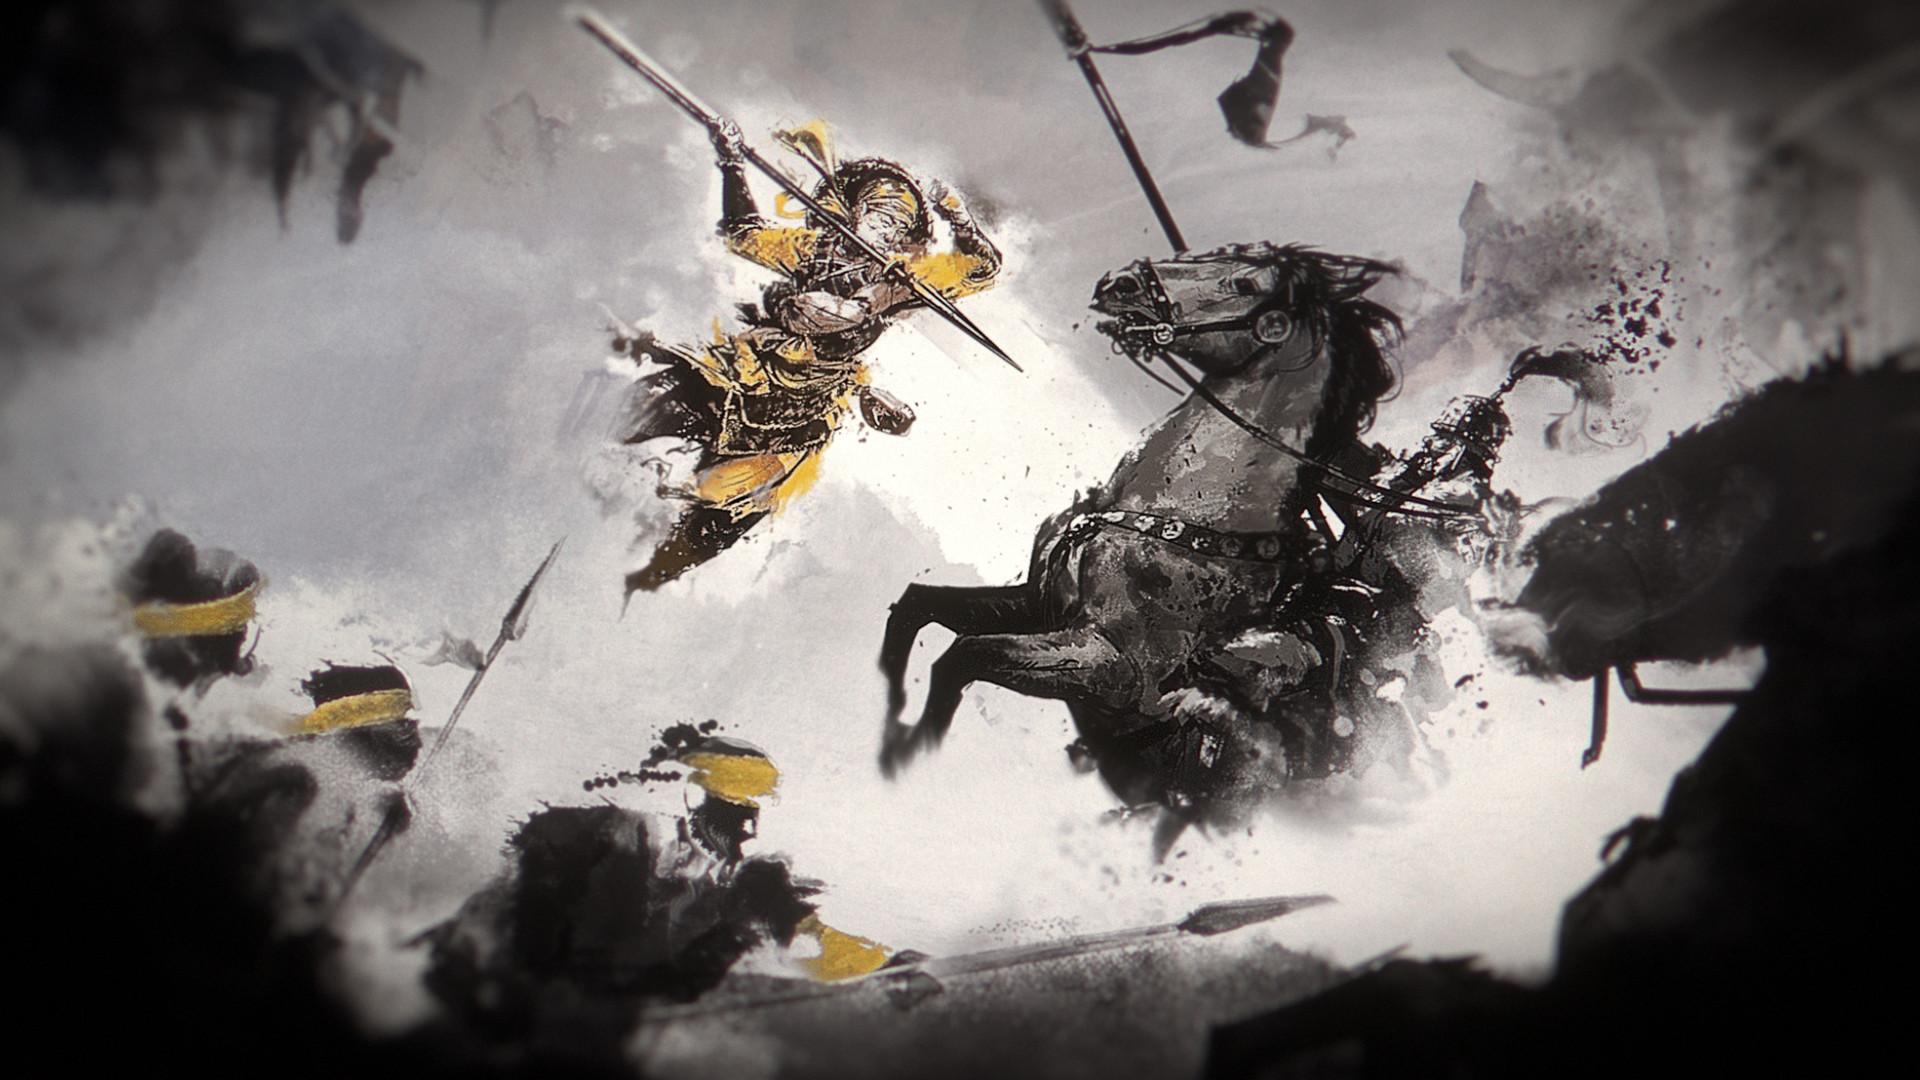 《全面战争:三国》预售让玩家不满 游戏未售DLC先行